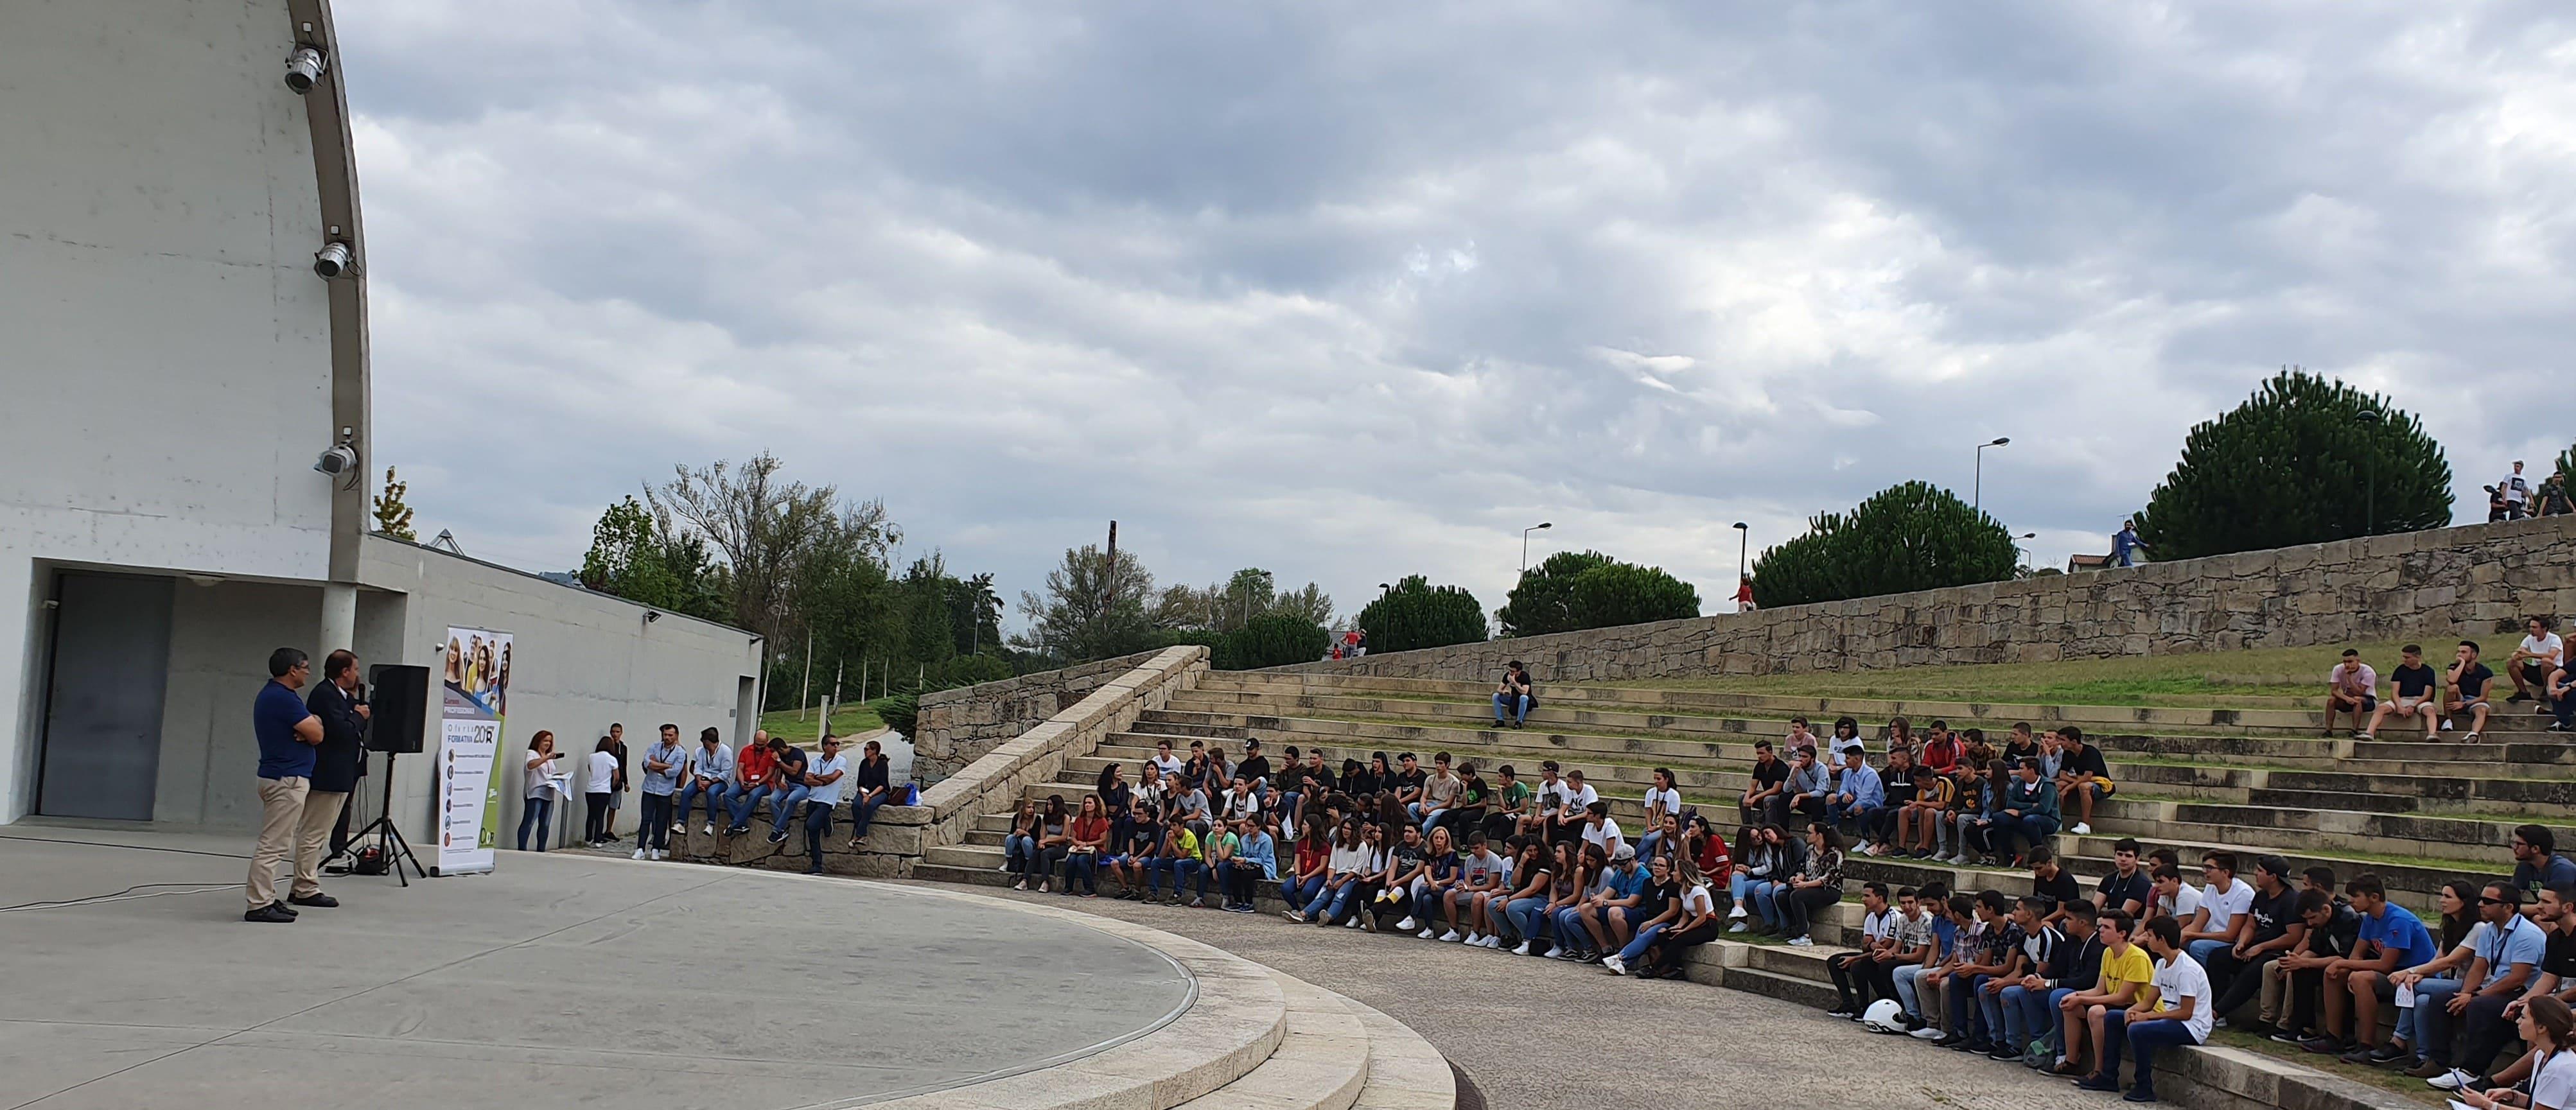 CIOR acolhe alunos no Parque da Devesa